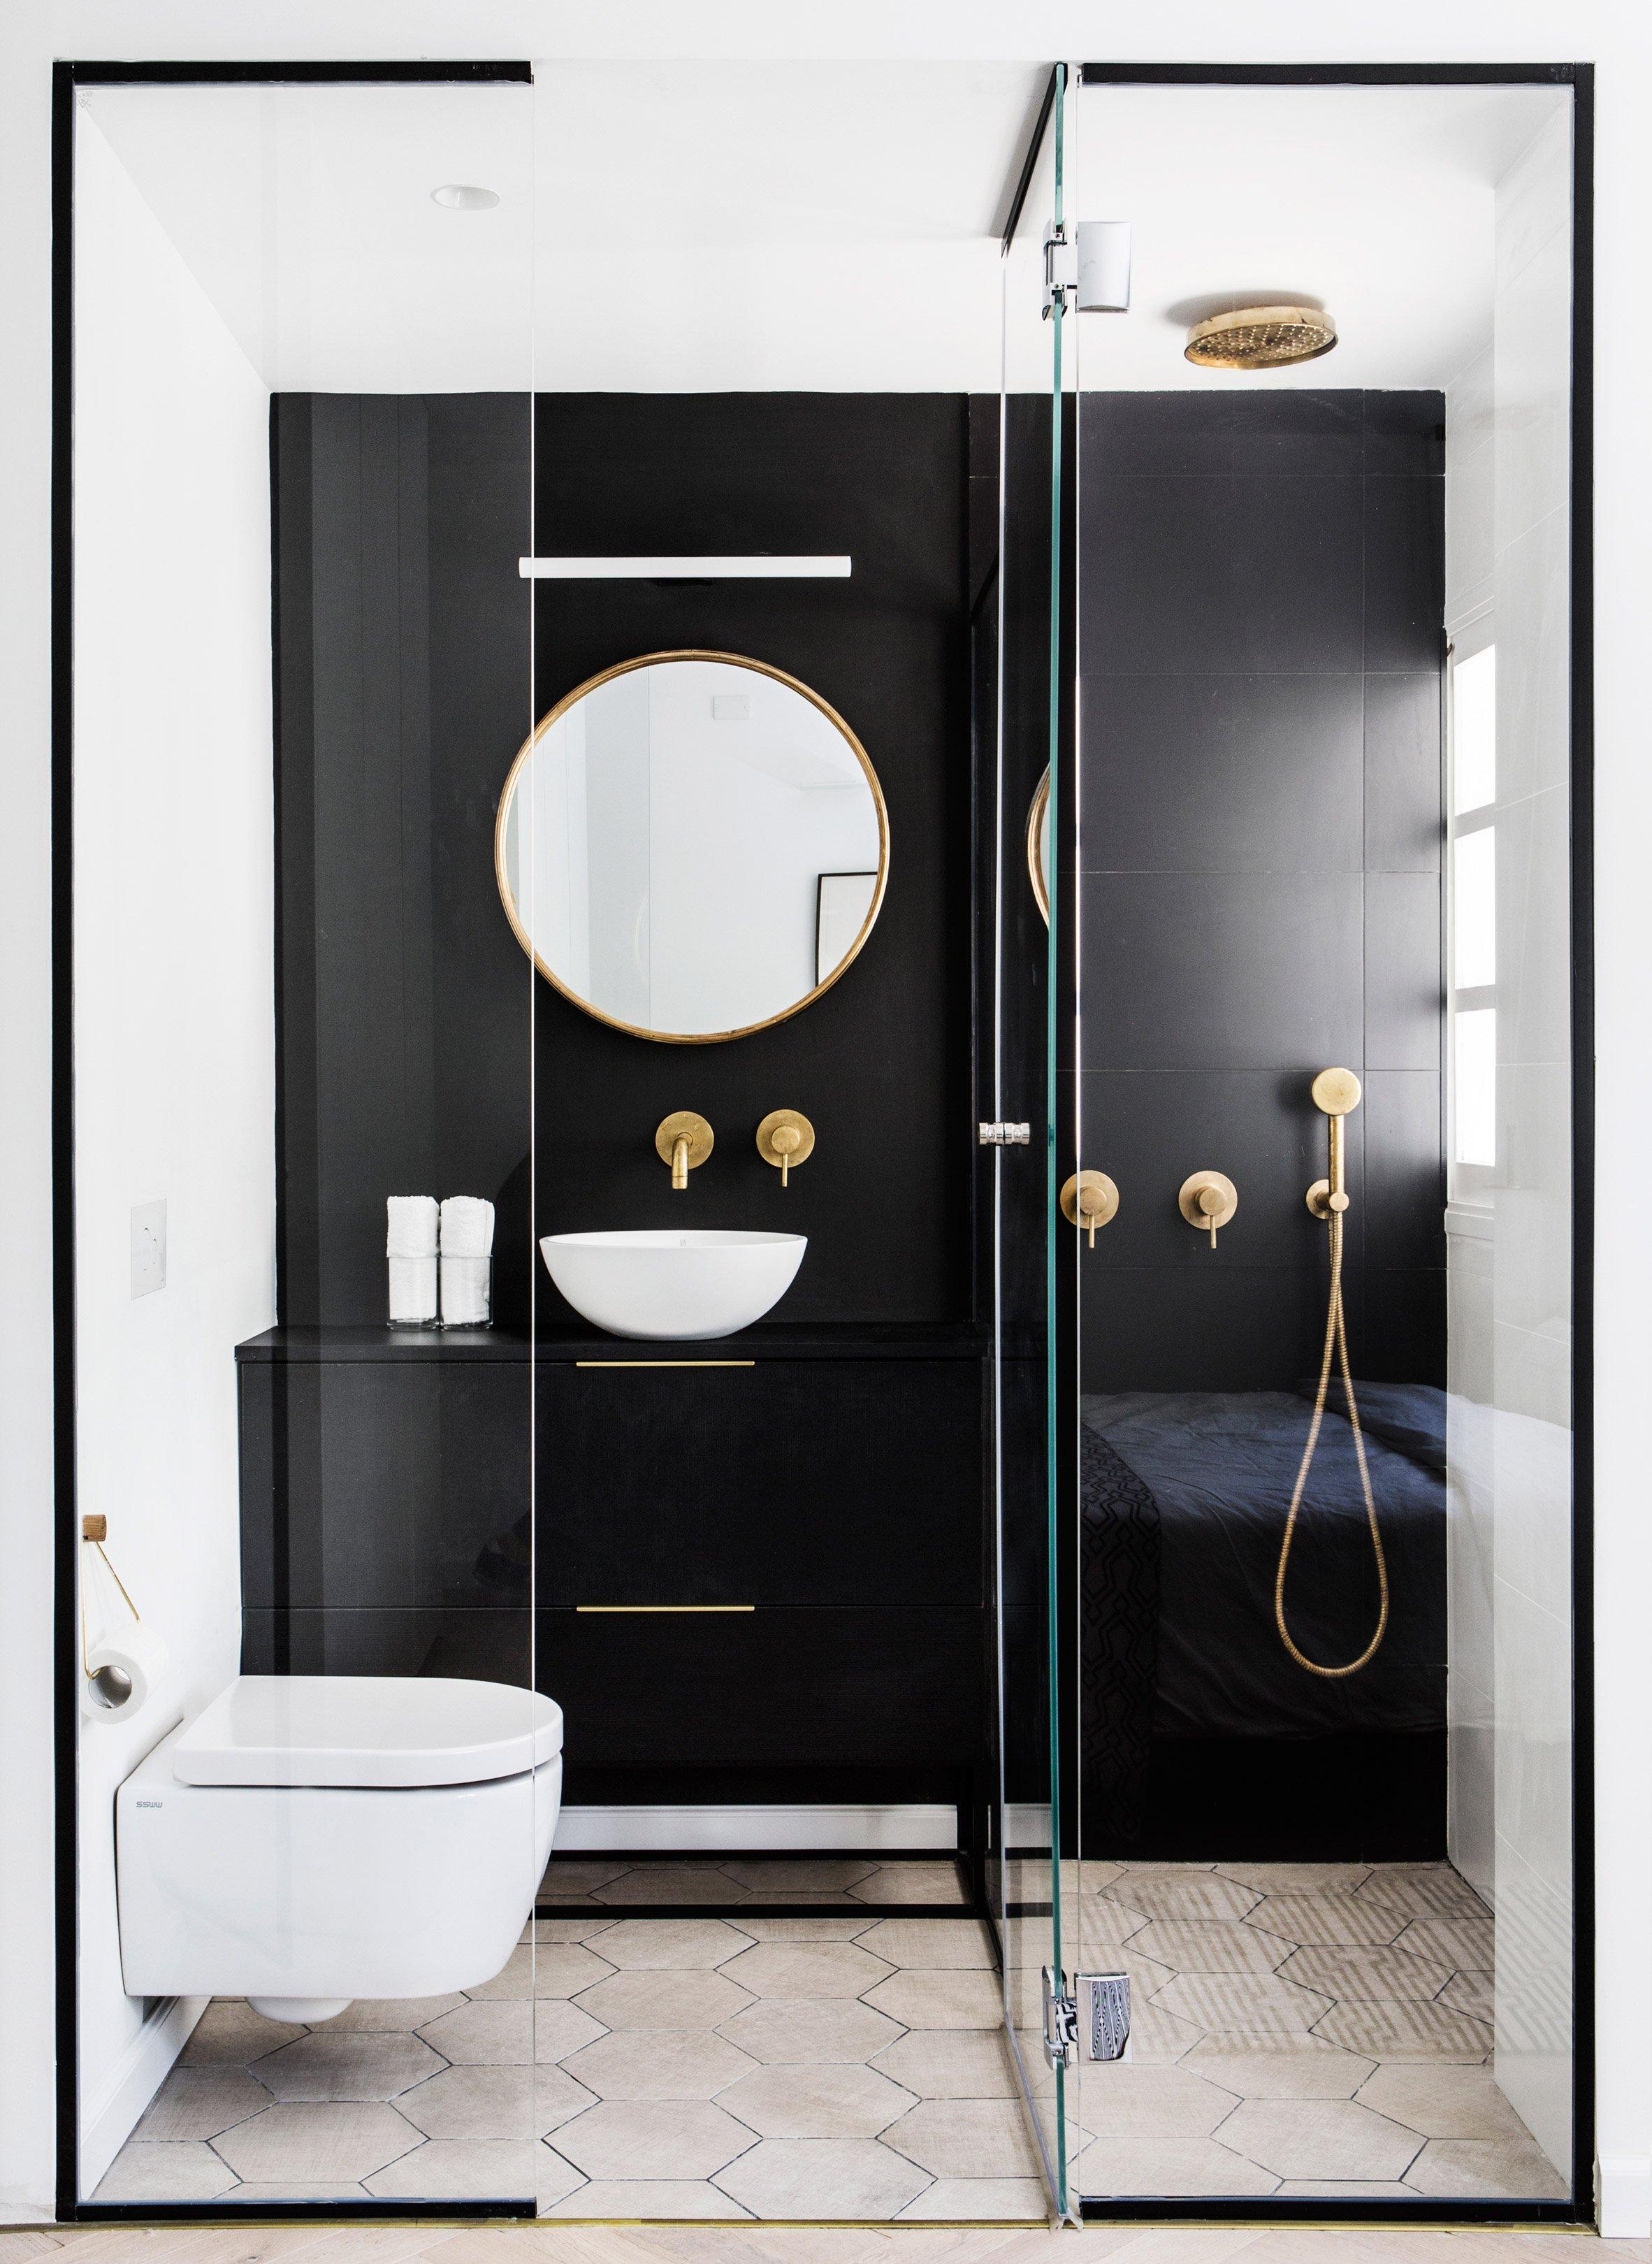 Mooie badkamer en suite met glazen deur en wanden - Badkamers ...